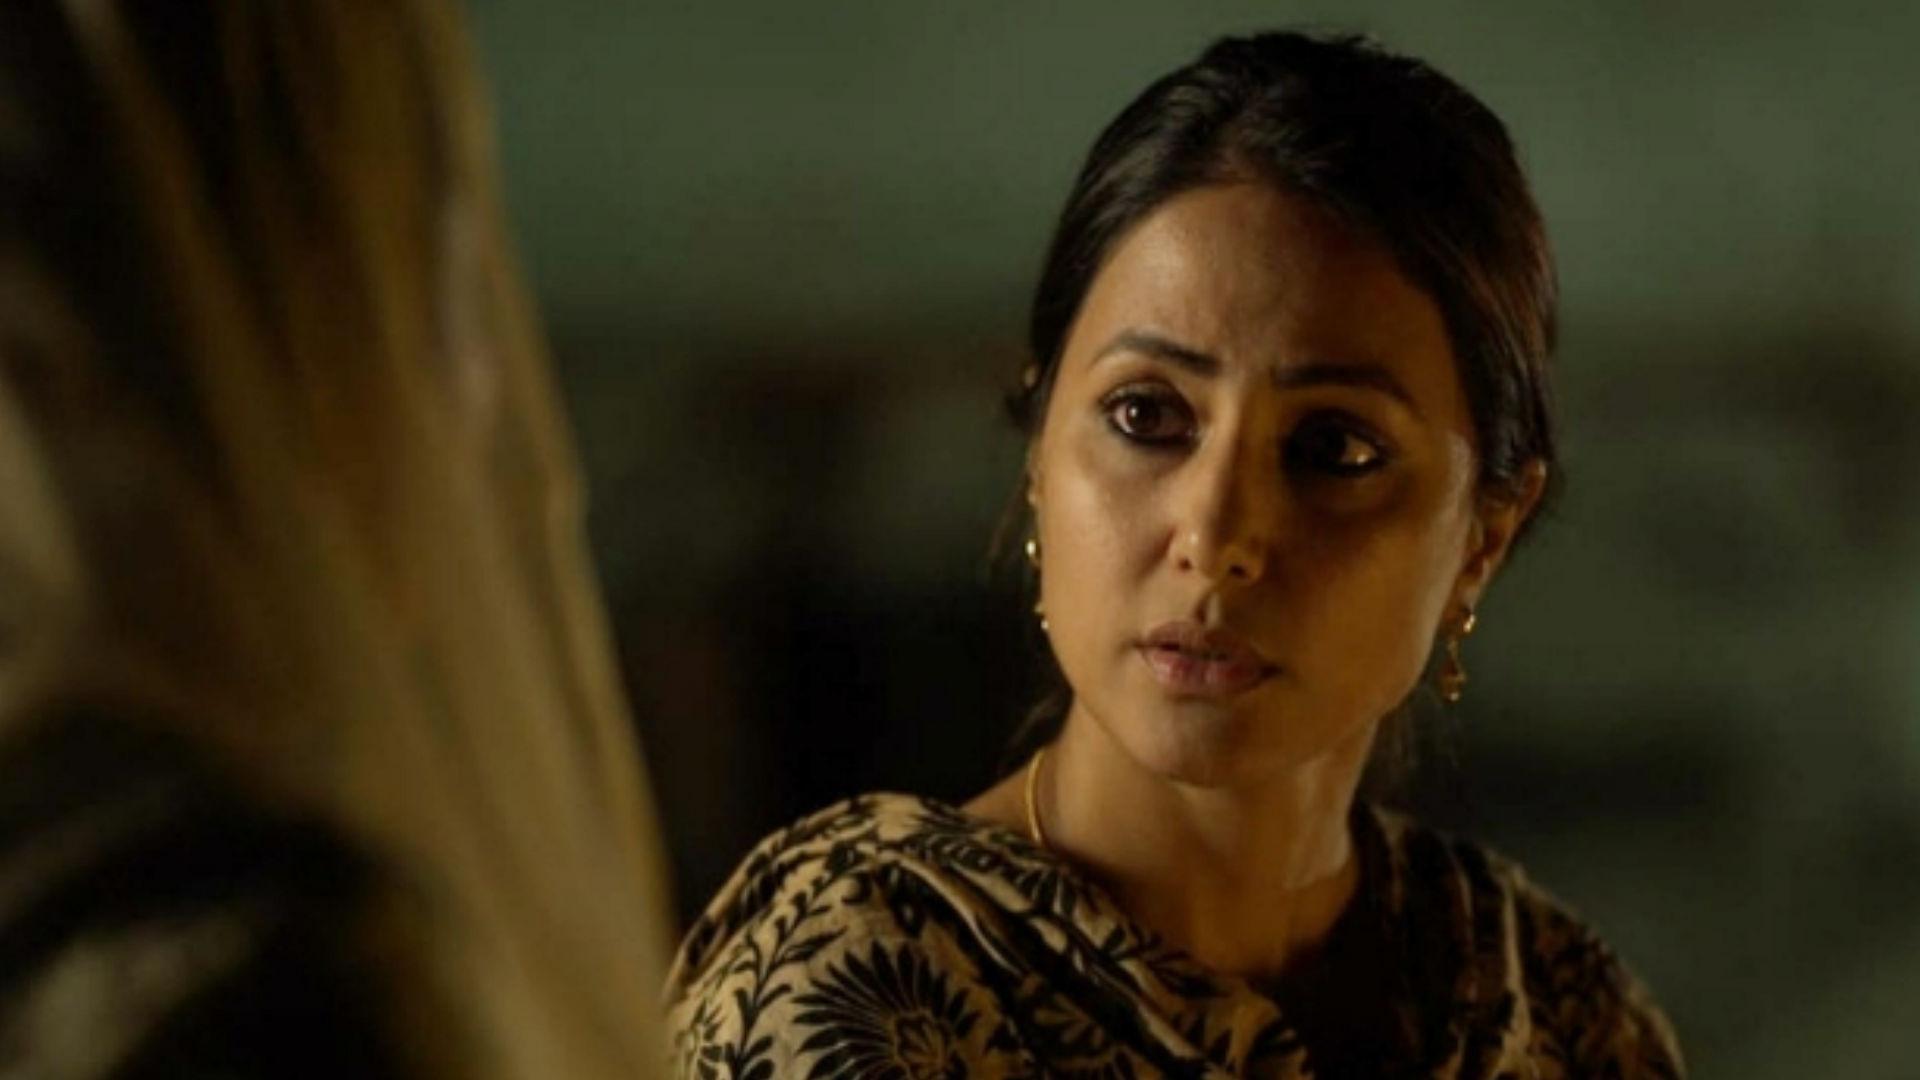 हिना खान की डेब्यू फिल्म लाइन्स का पहला लुक कान्स फिल्म फेस्टिवल में होगा जारी, रेड कारपेट पर आएंगी नजर